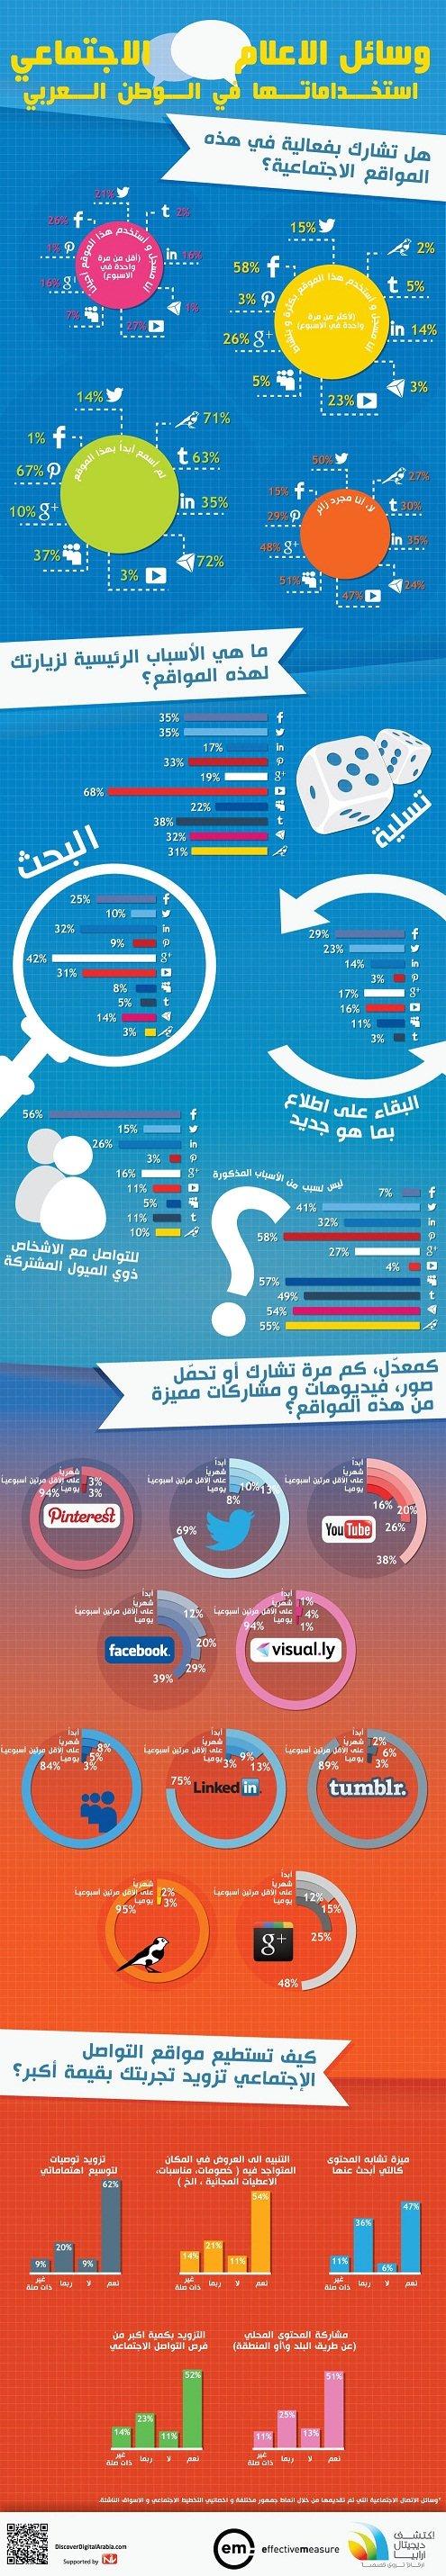 استخدامات وسائل الإعلام الإجتماعي في العالم العربي #انفوغراف #انفوجرافيك #انفوجرافيك_عربي